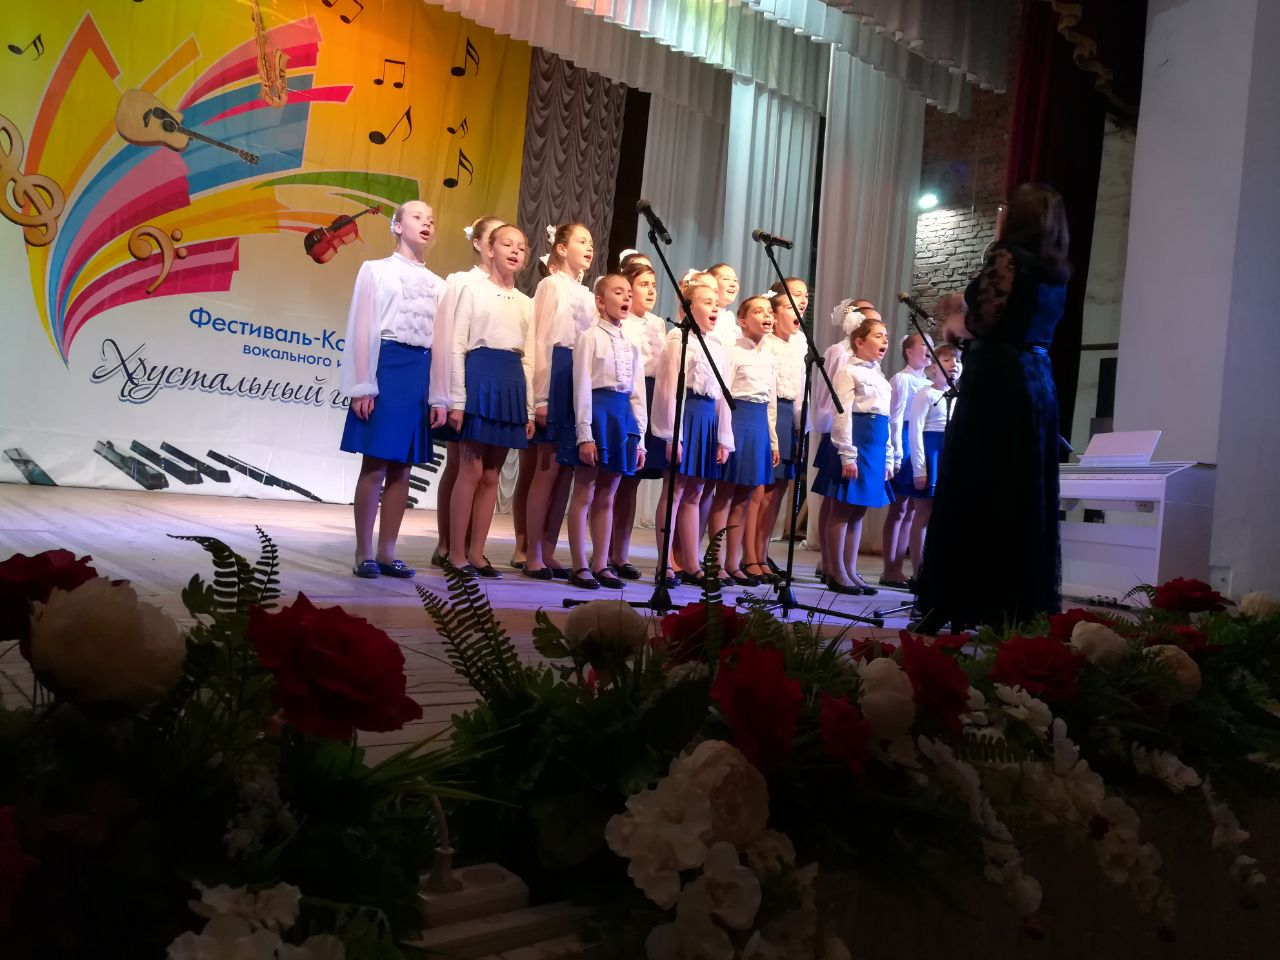 Вокальный конкурс в славянске